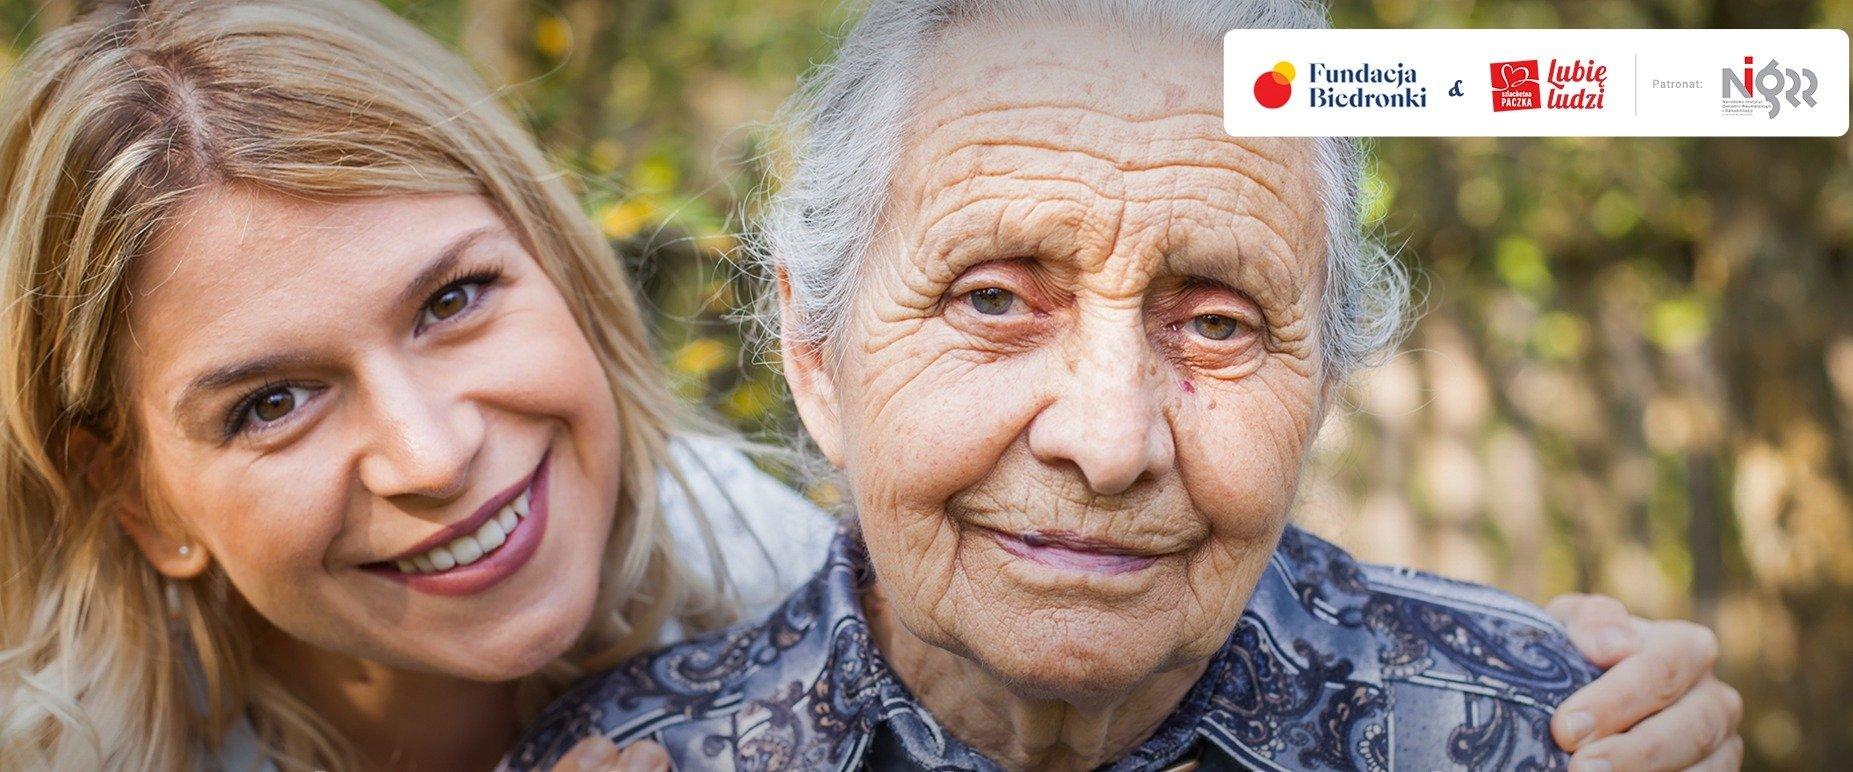 Praktyczny przewodnik i szkolenia dla opiekunów seniorów od Fundacji Biedronki i Szlachetnej Paczki